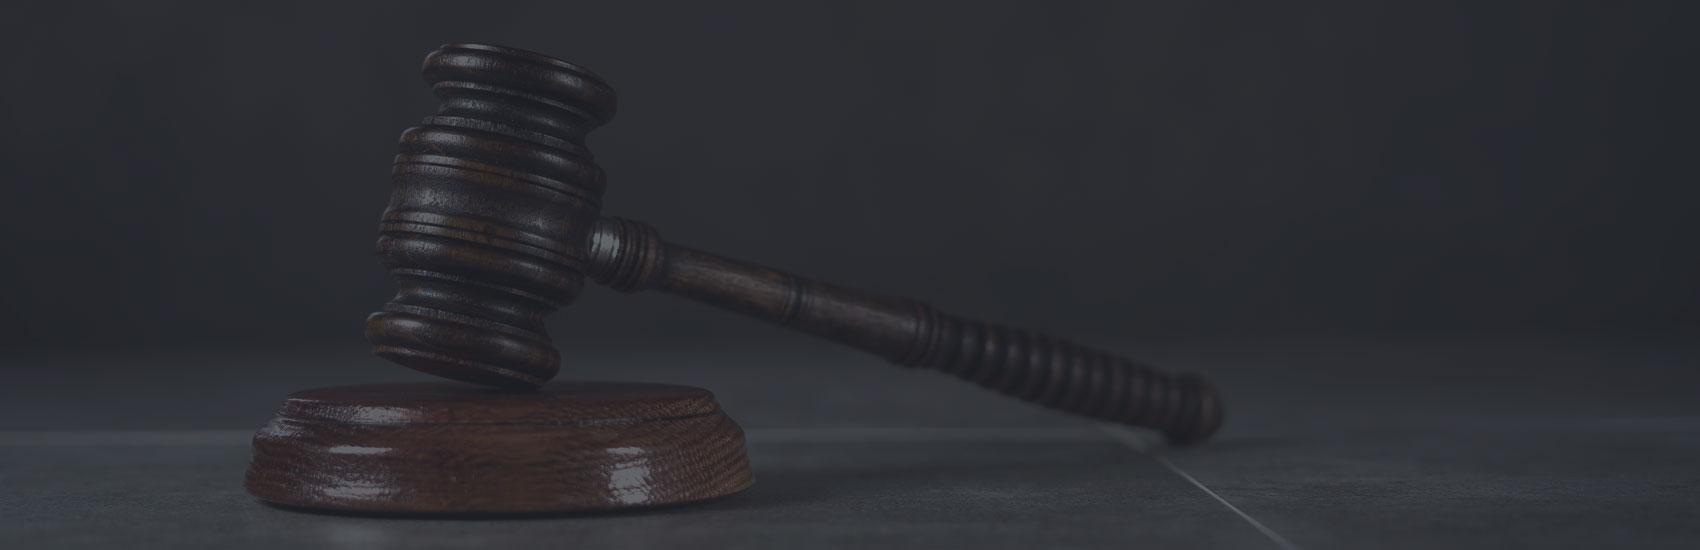 L'ancien entraîneur de balle molle féminine accusé de crime sexuel doit attendre la décision du juge